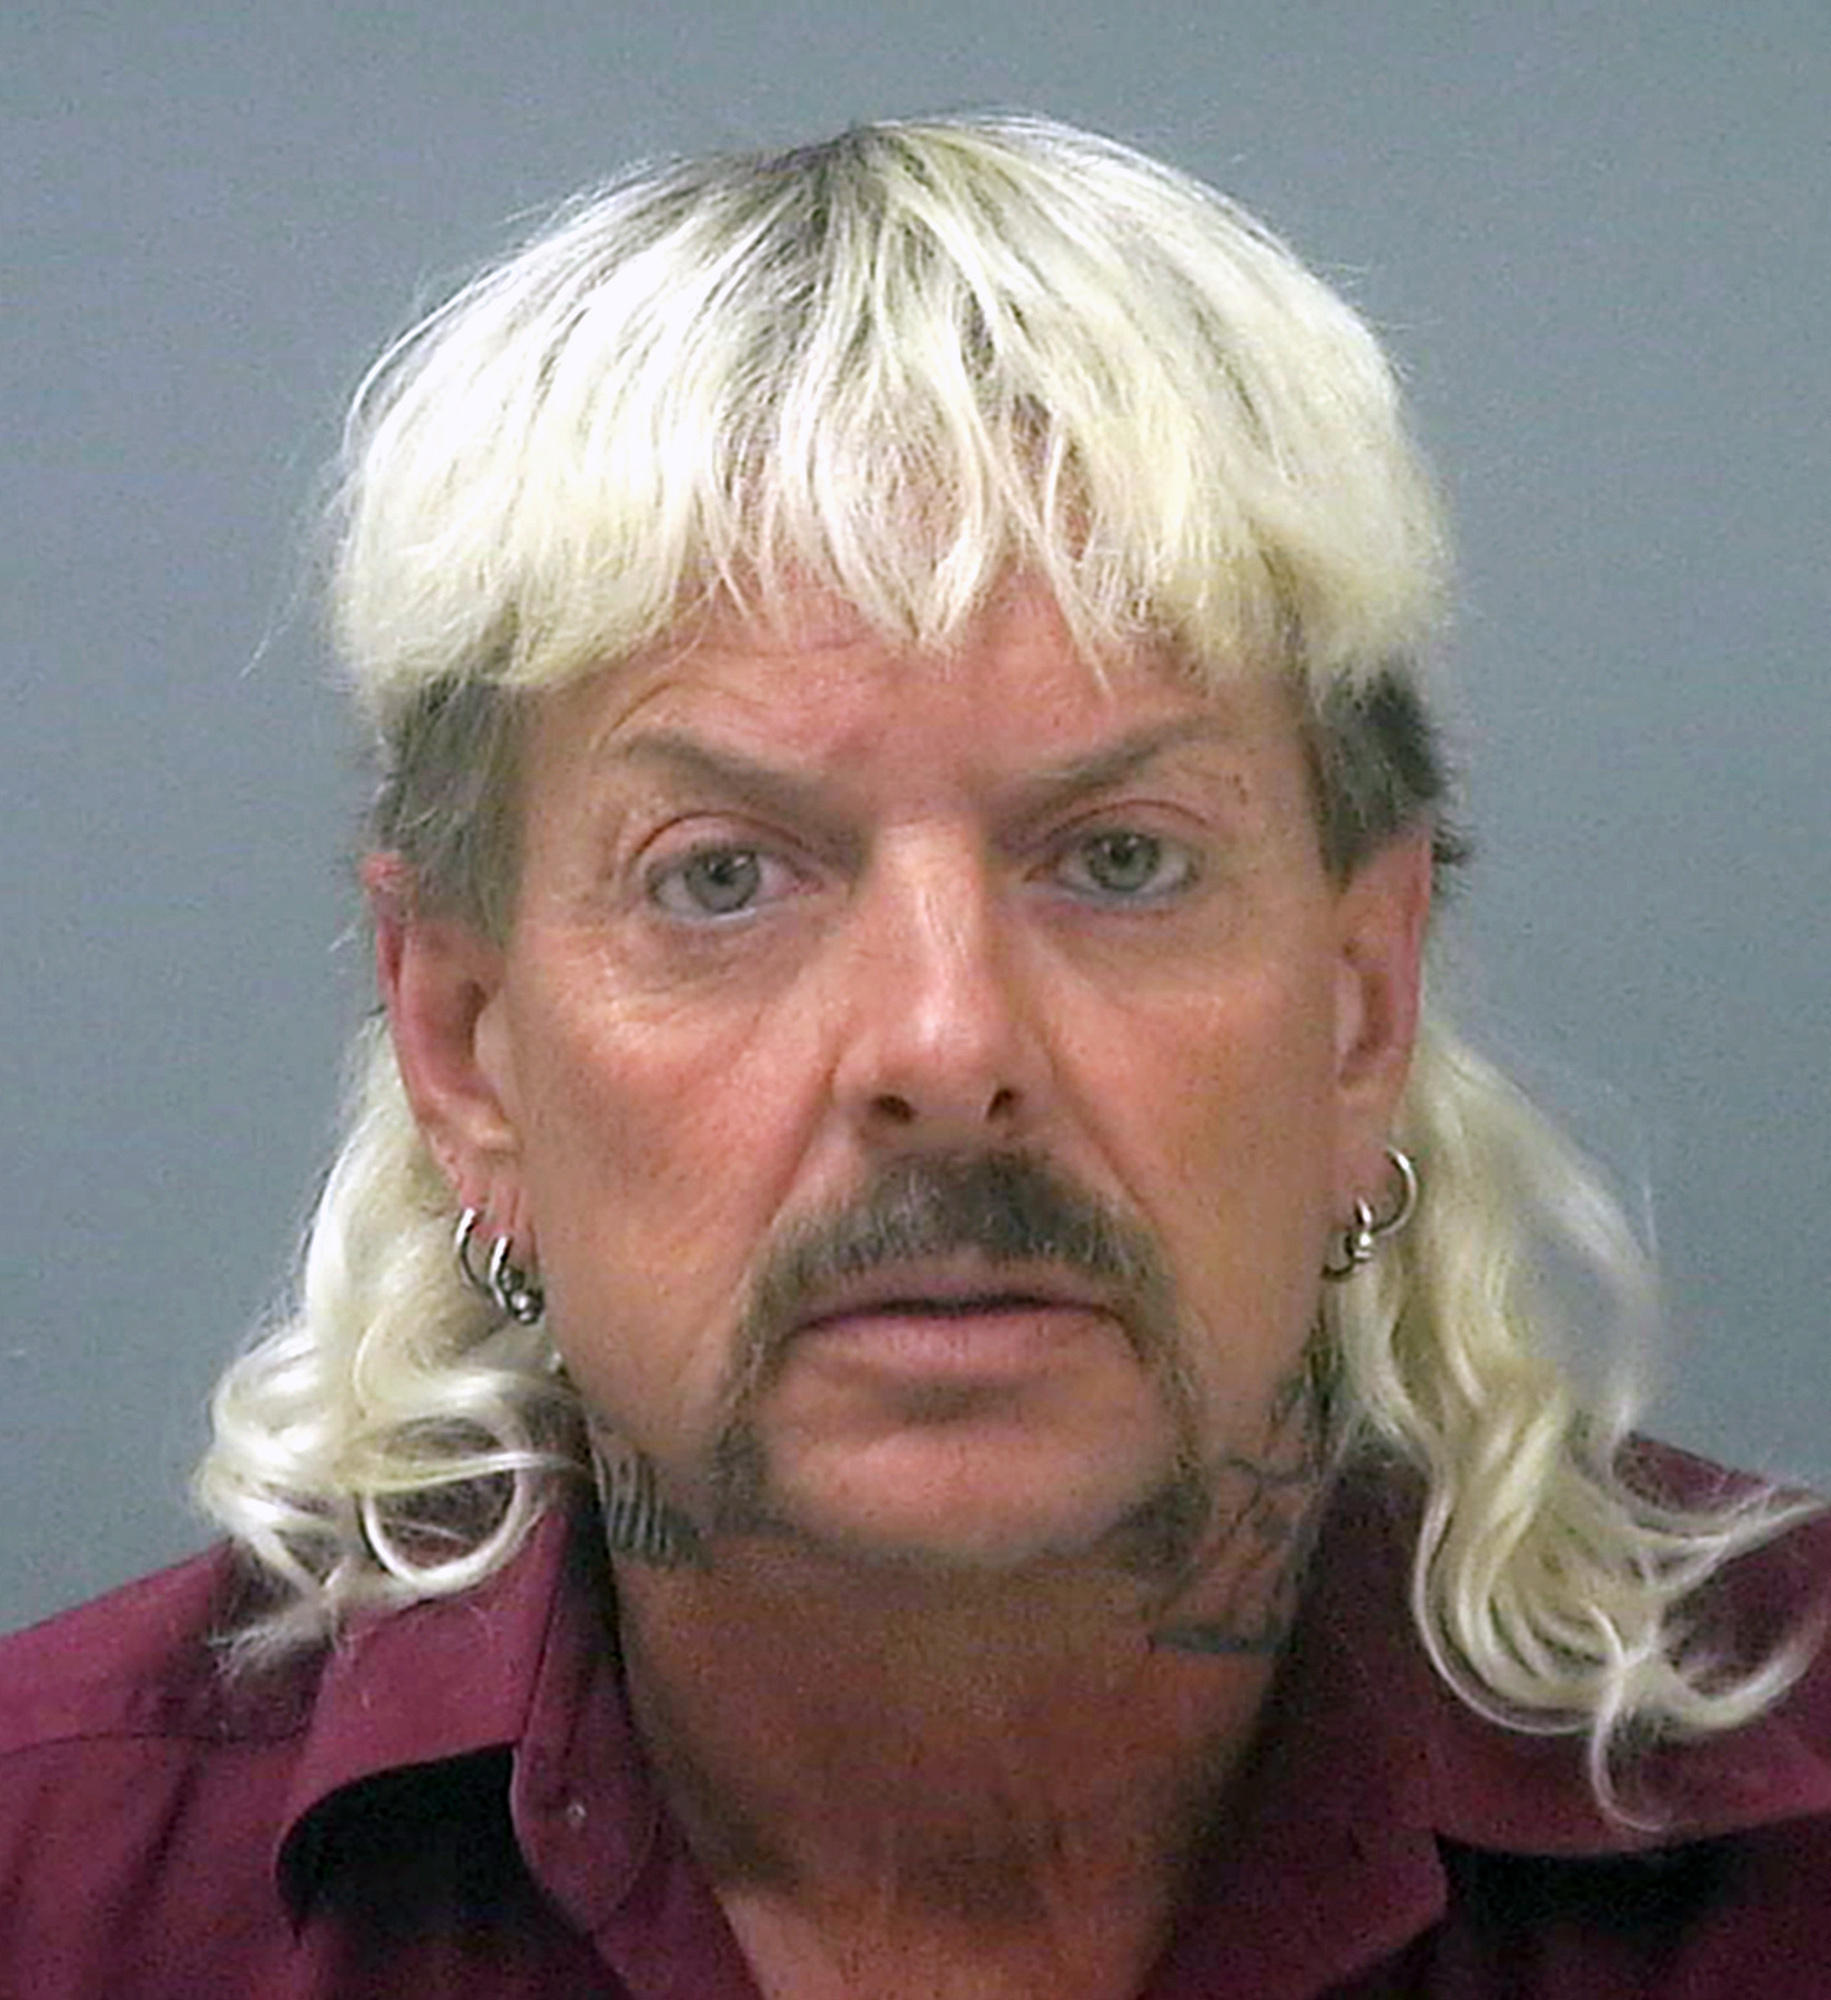 Joe Exotic sitzt eine Haftstrafe in Texas ab